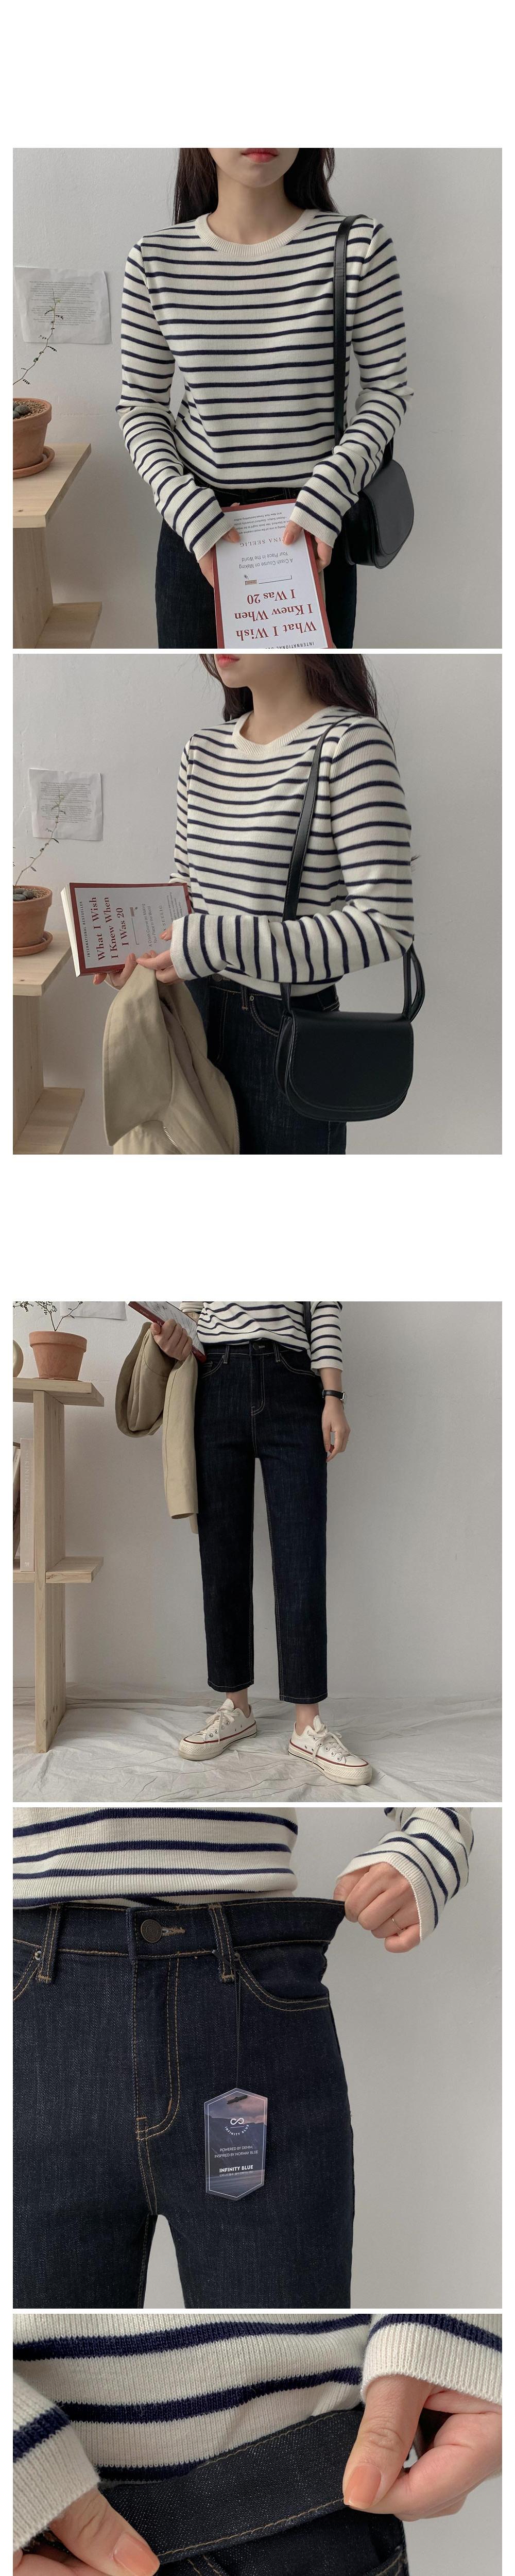 accessories detail image-S1L12